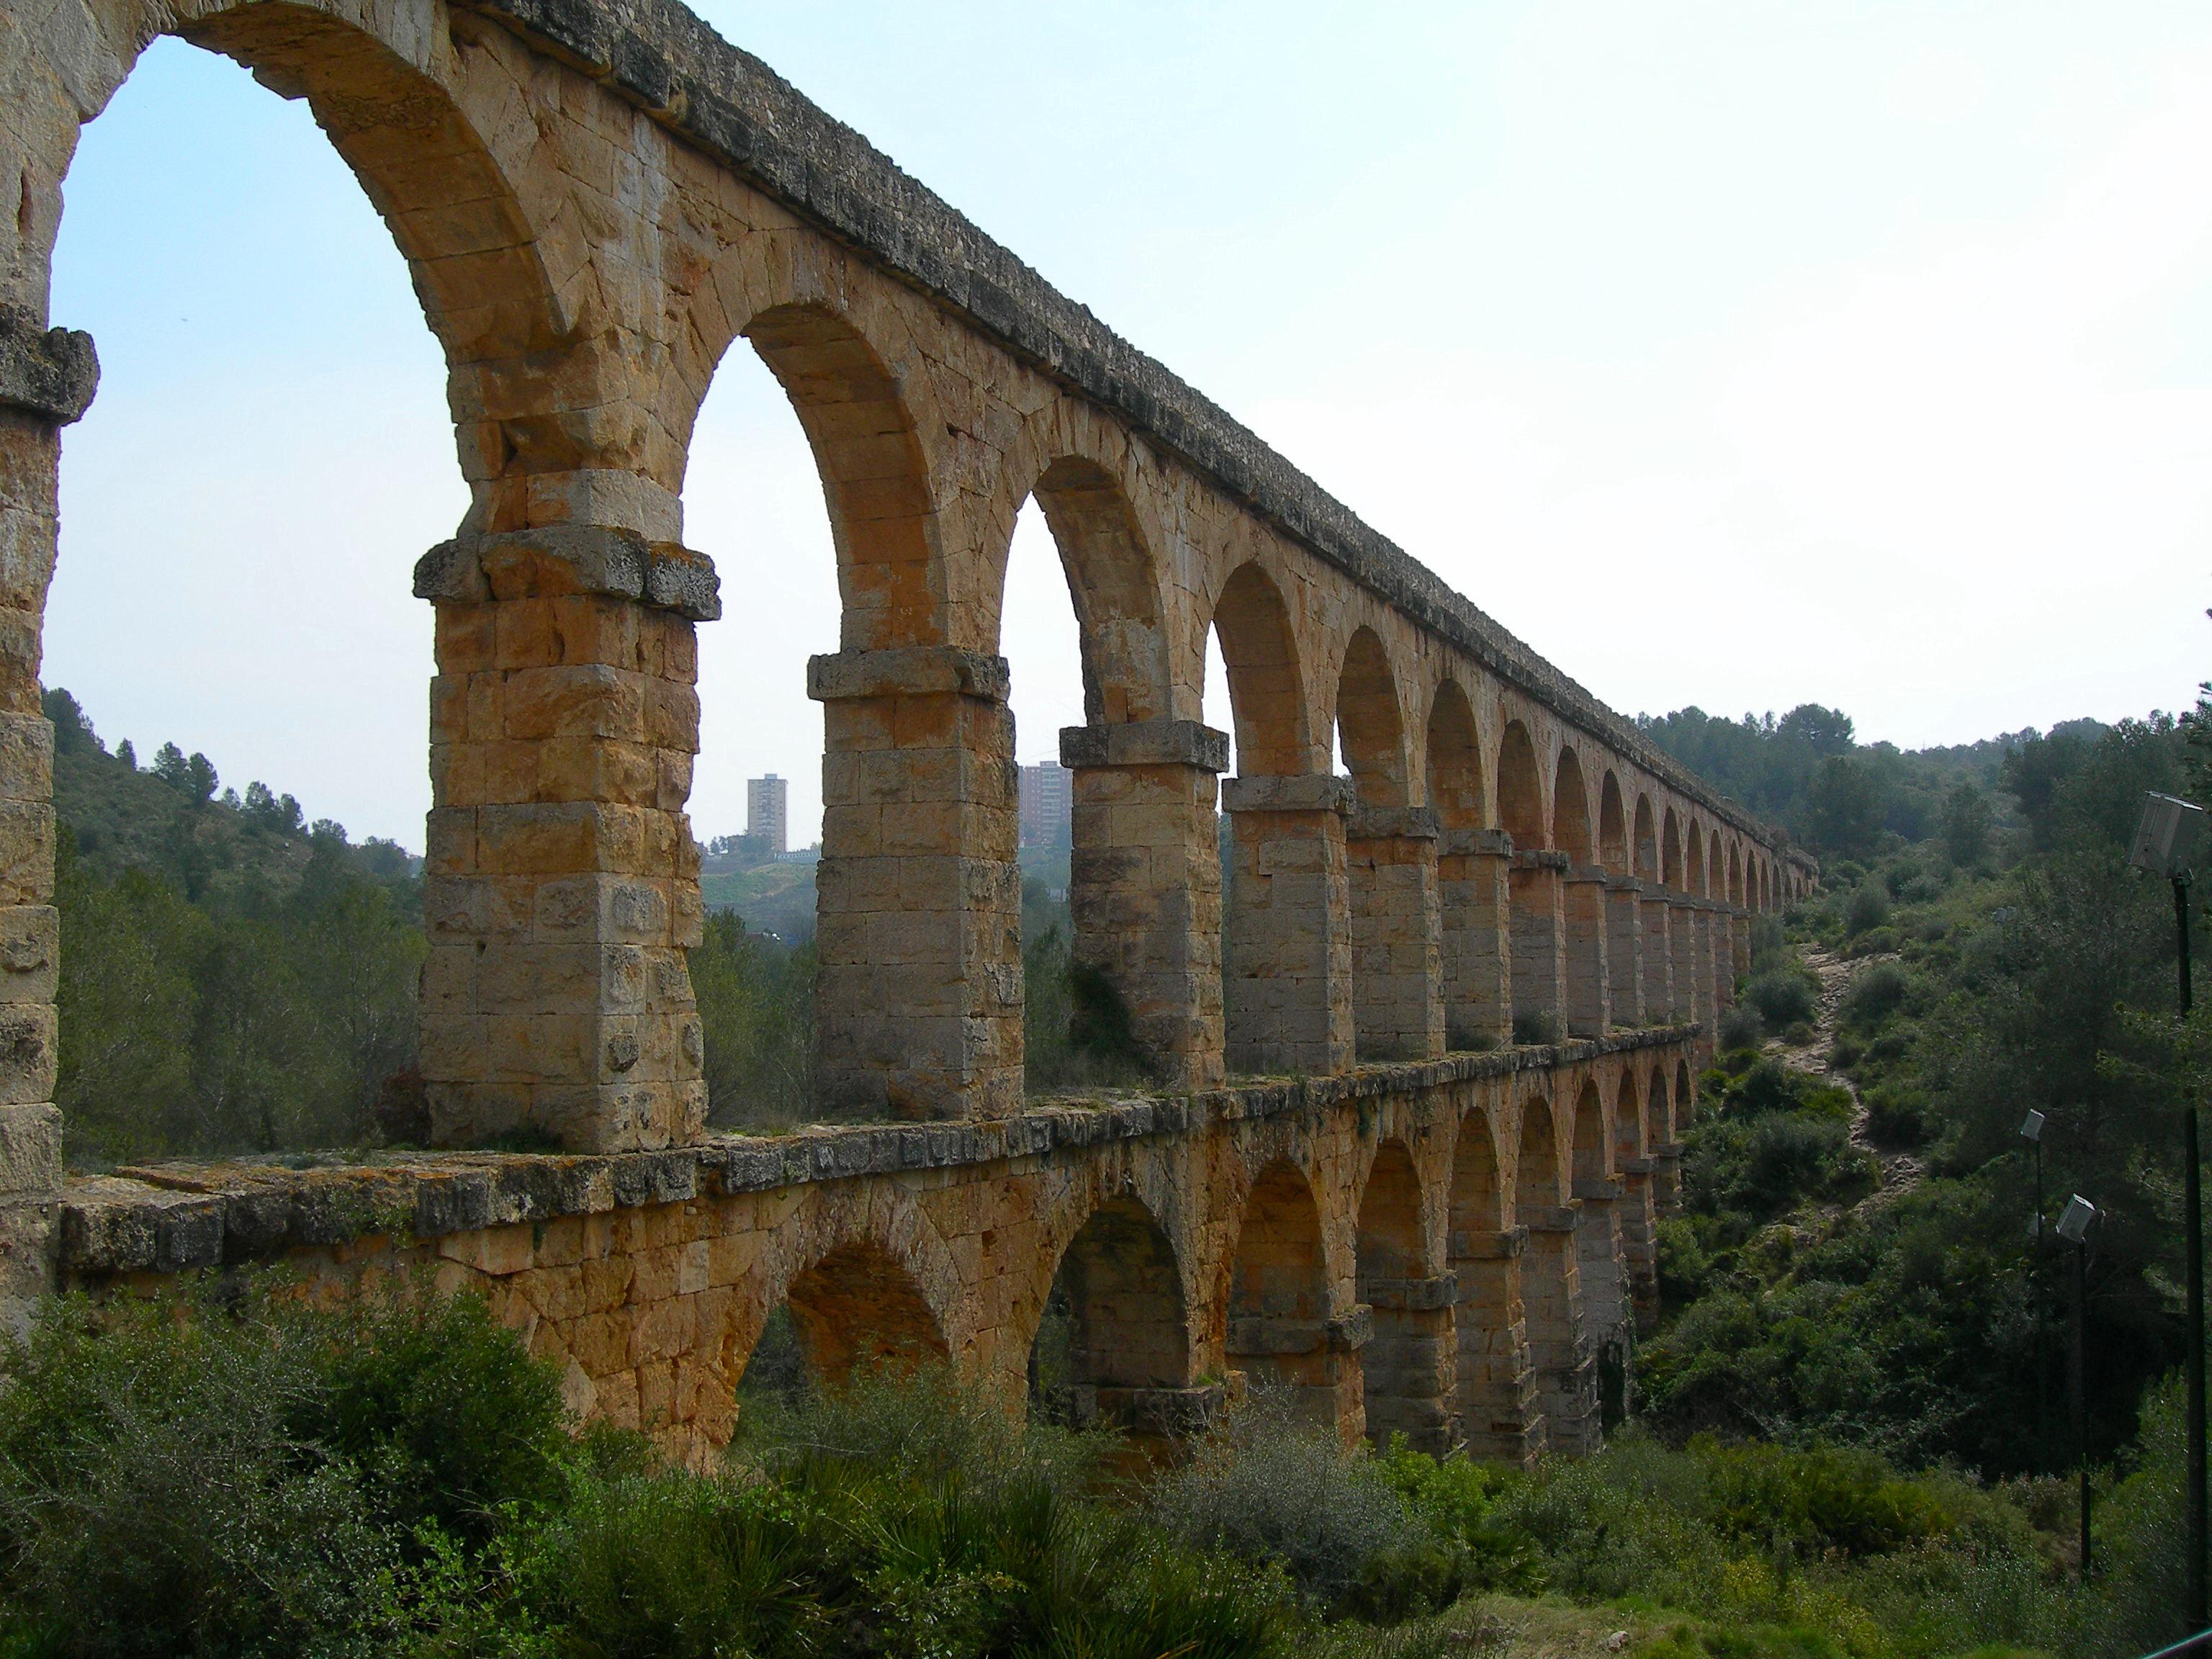 Descripci  243 n Roman Aqueduct  Tarragona Spain jpgRoman Aqueduct